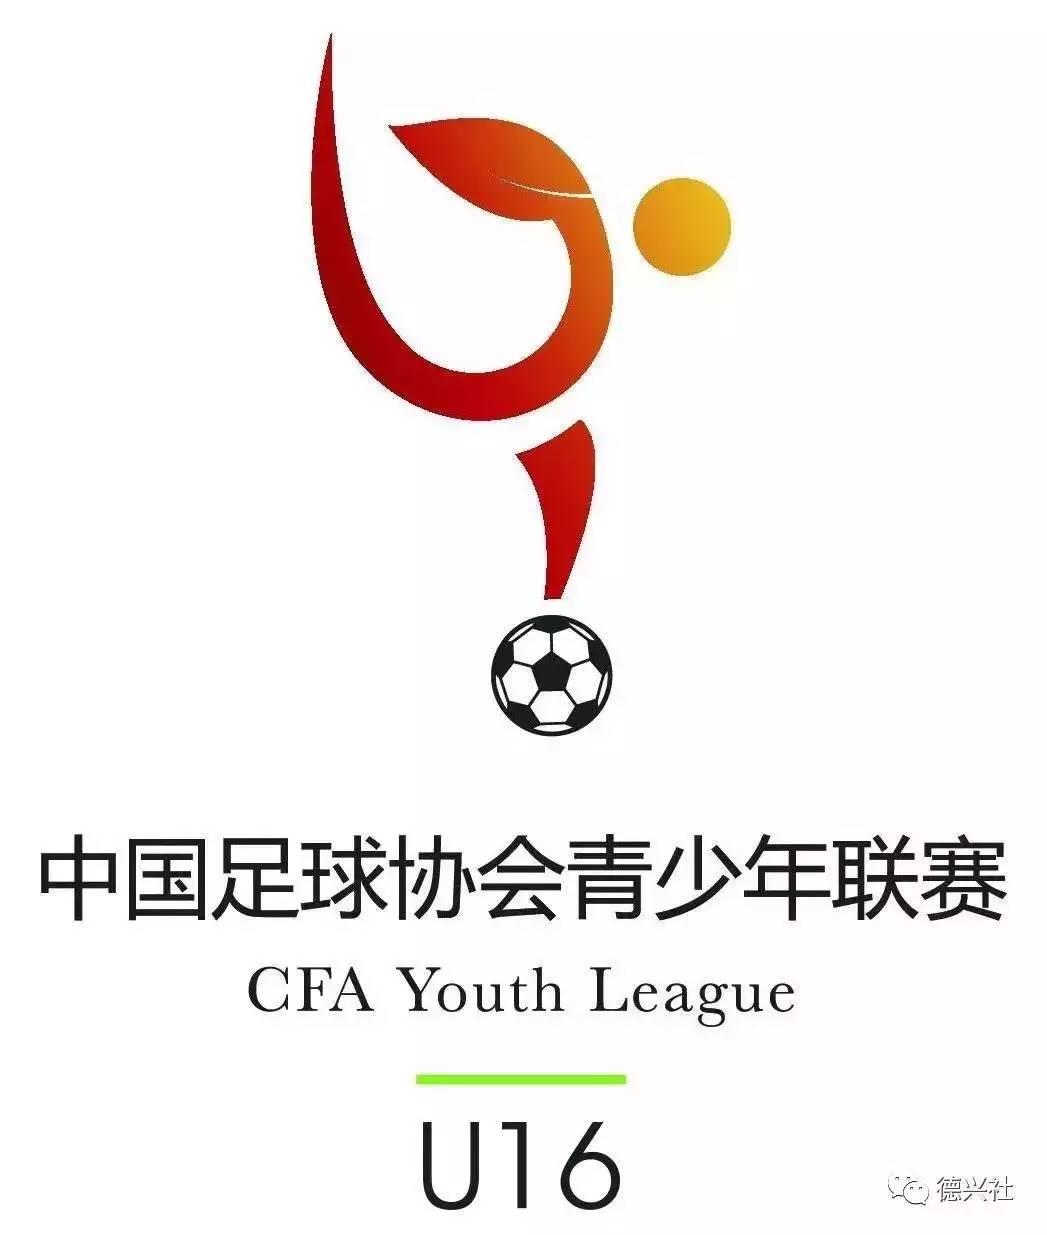 U16联赛第三阶段第四轮●新疆成唯一四连胜队伍 深圳东城领先下半区